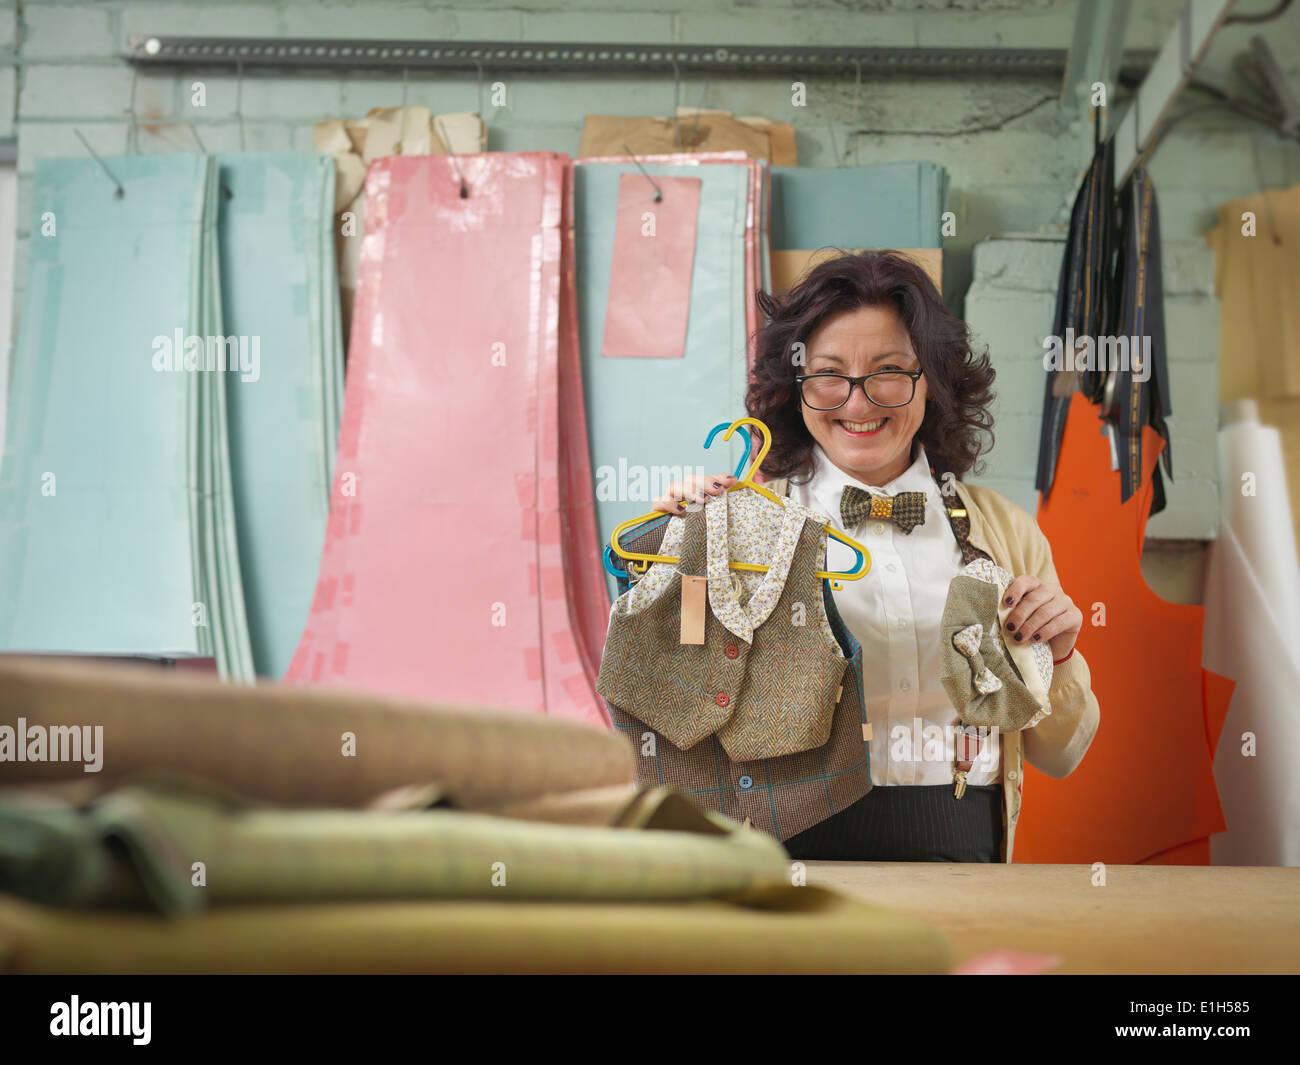 Designer di moda con bambini usura nella fabbrica di abbigliamento, ritratto Immagini Stock